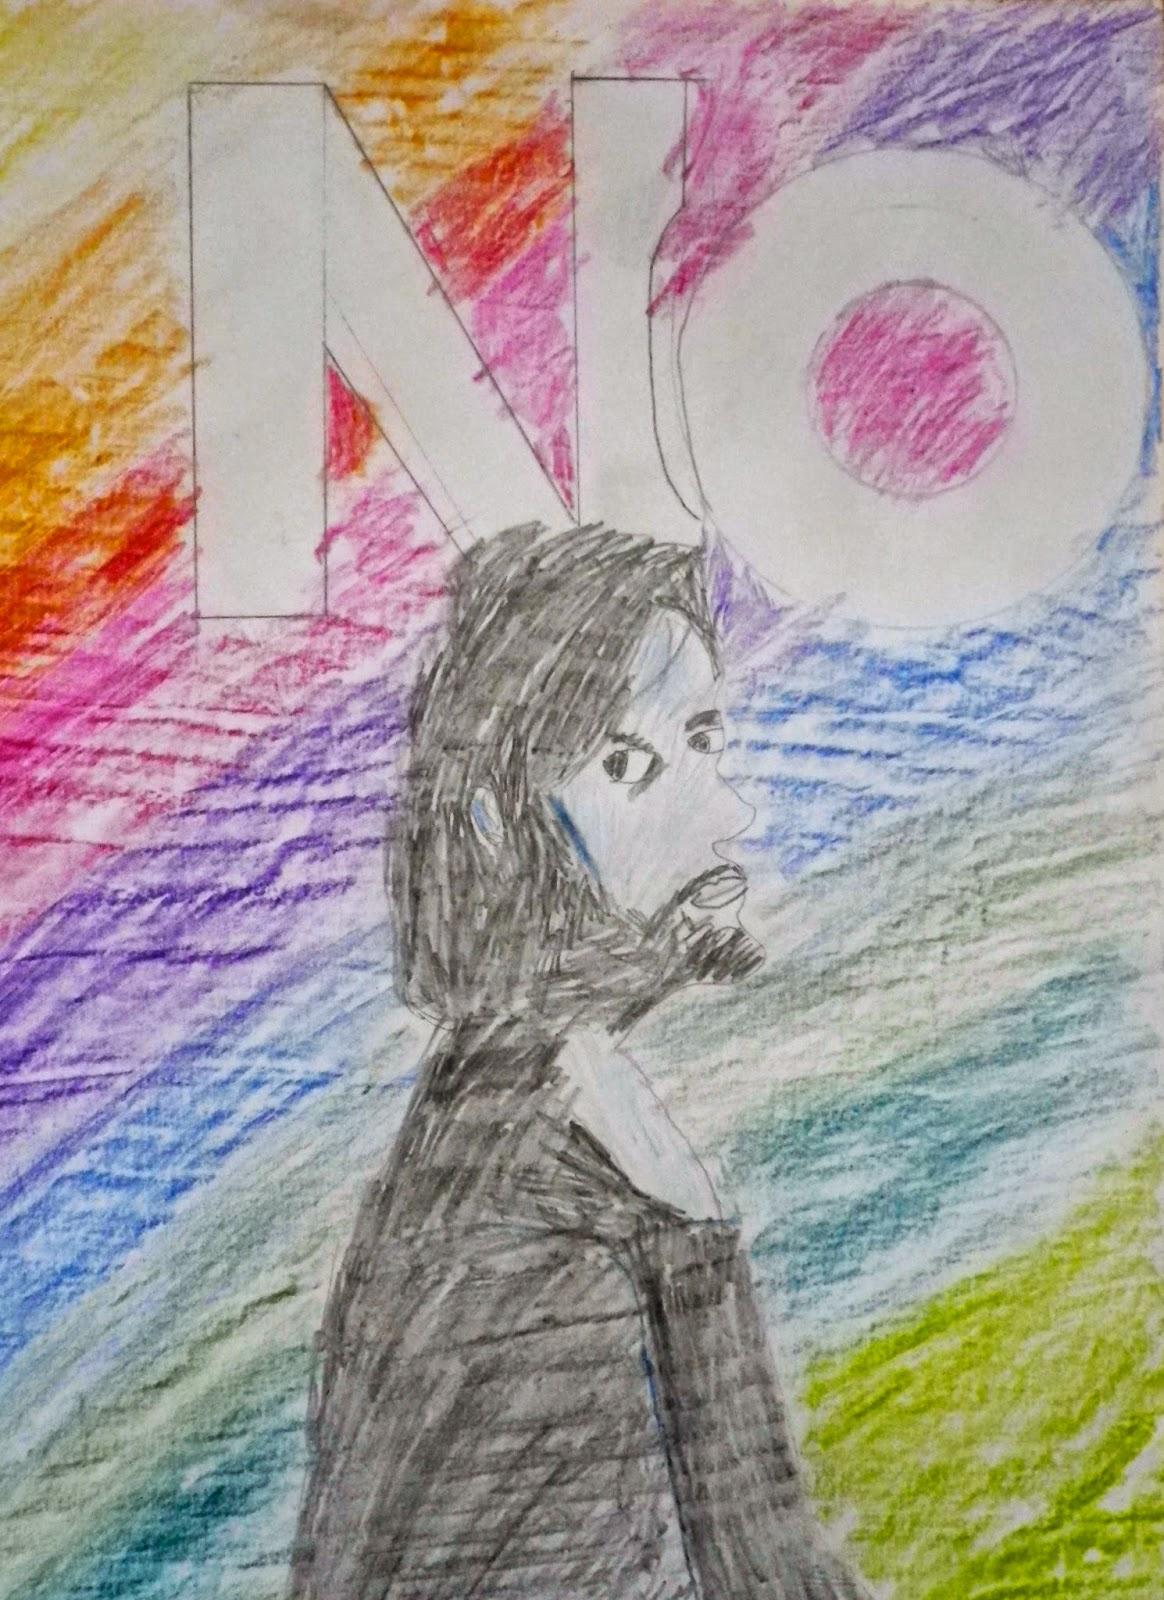 『NO ノー』まぁやぁ映画レヴュー